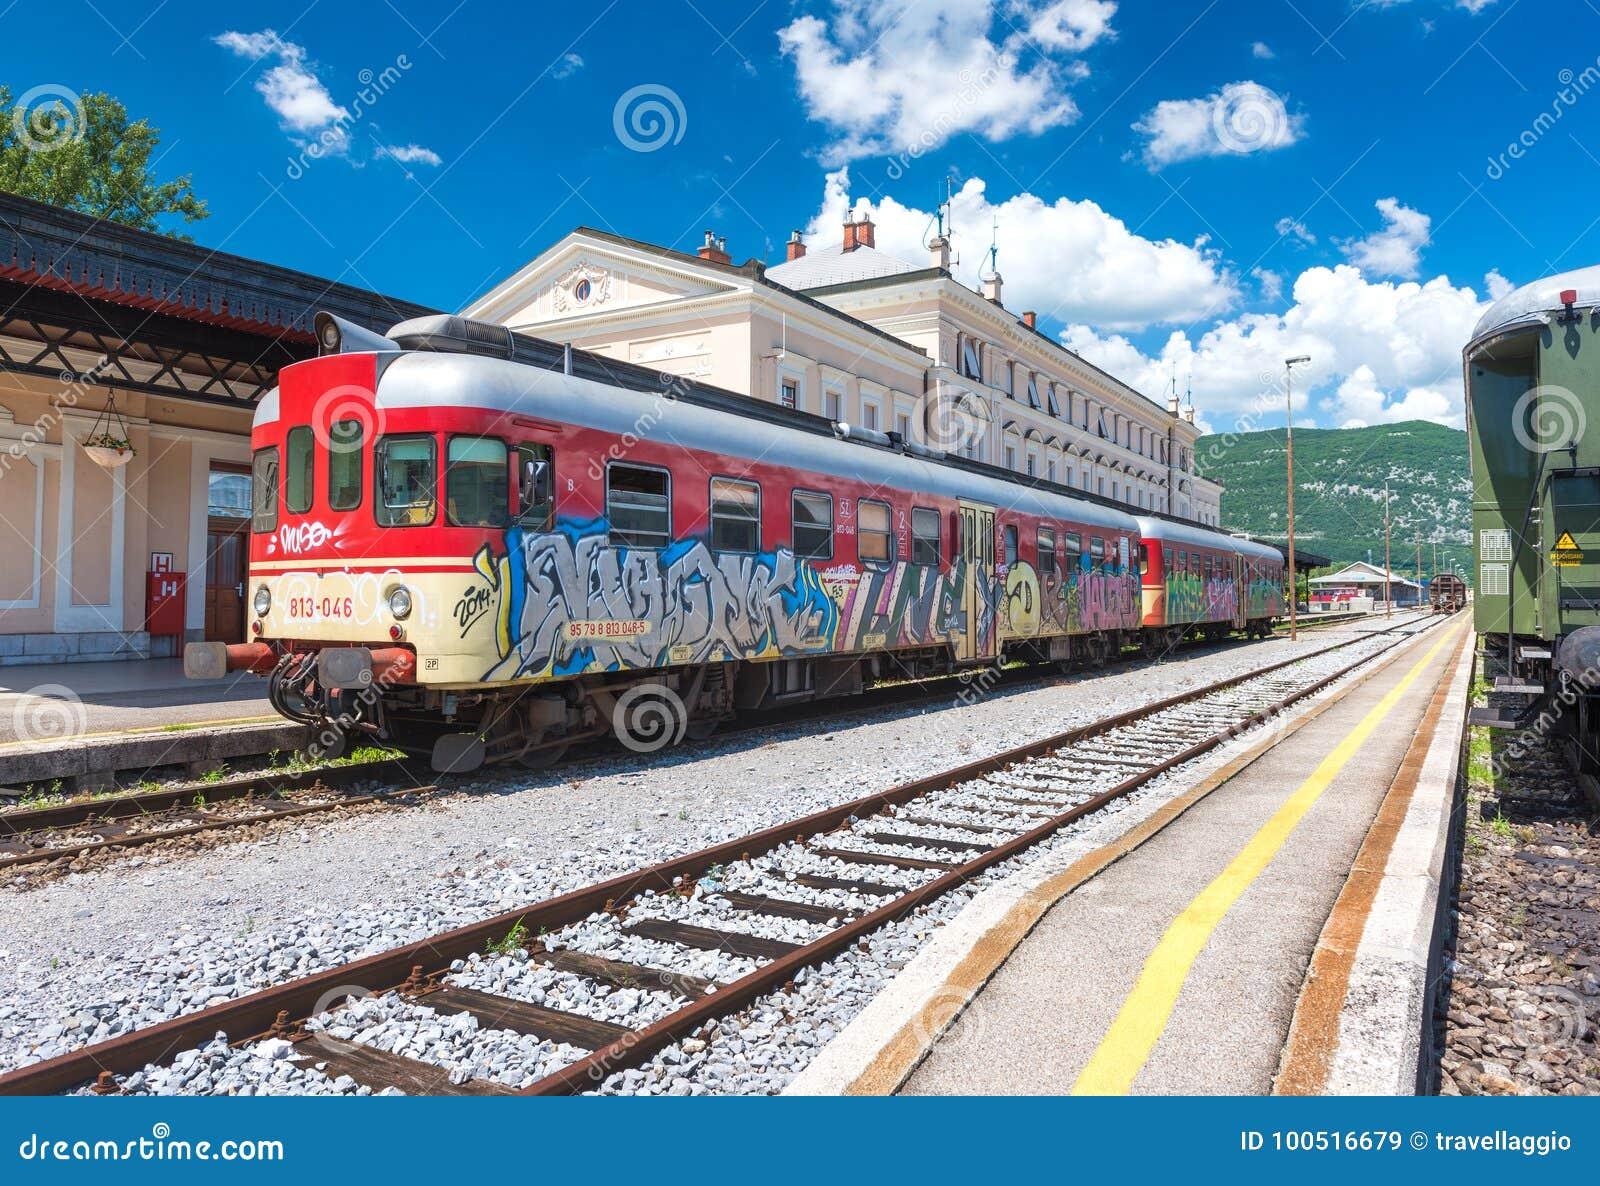 Nova Gorica, Slovenië: Rode trein met graffititribunes op sporen bij het station